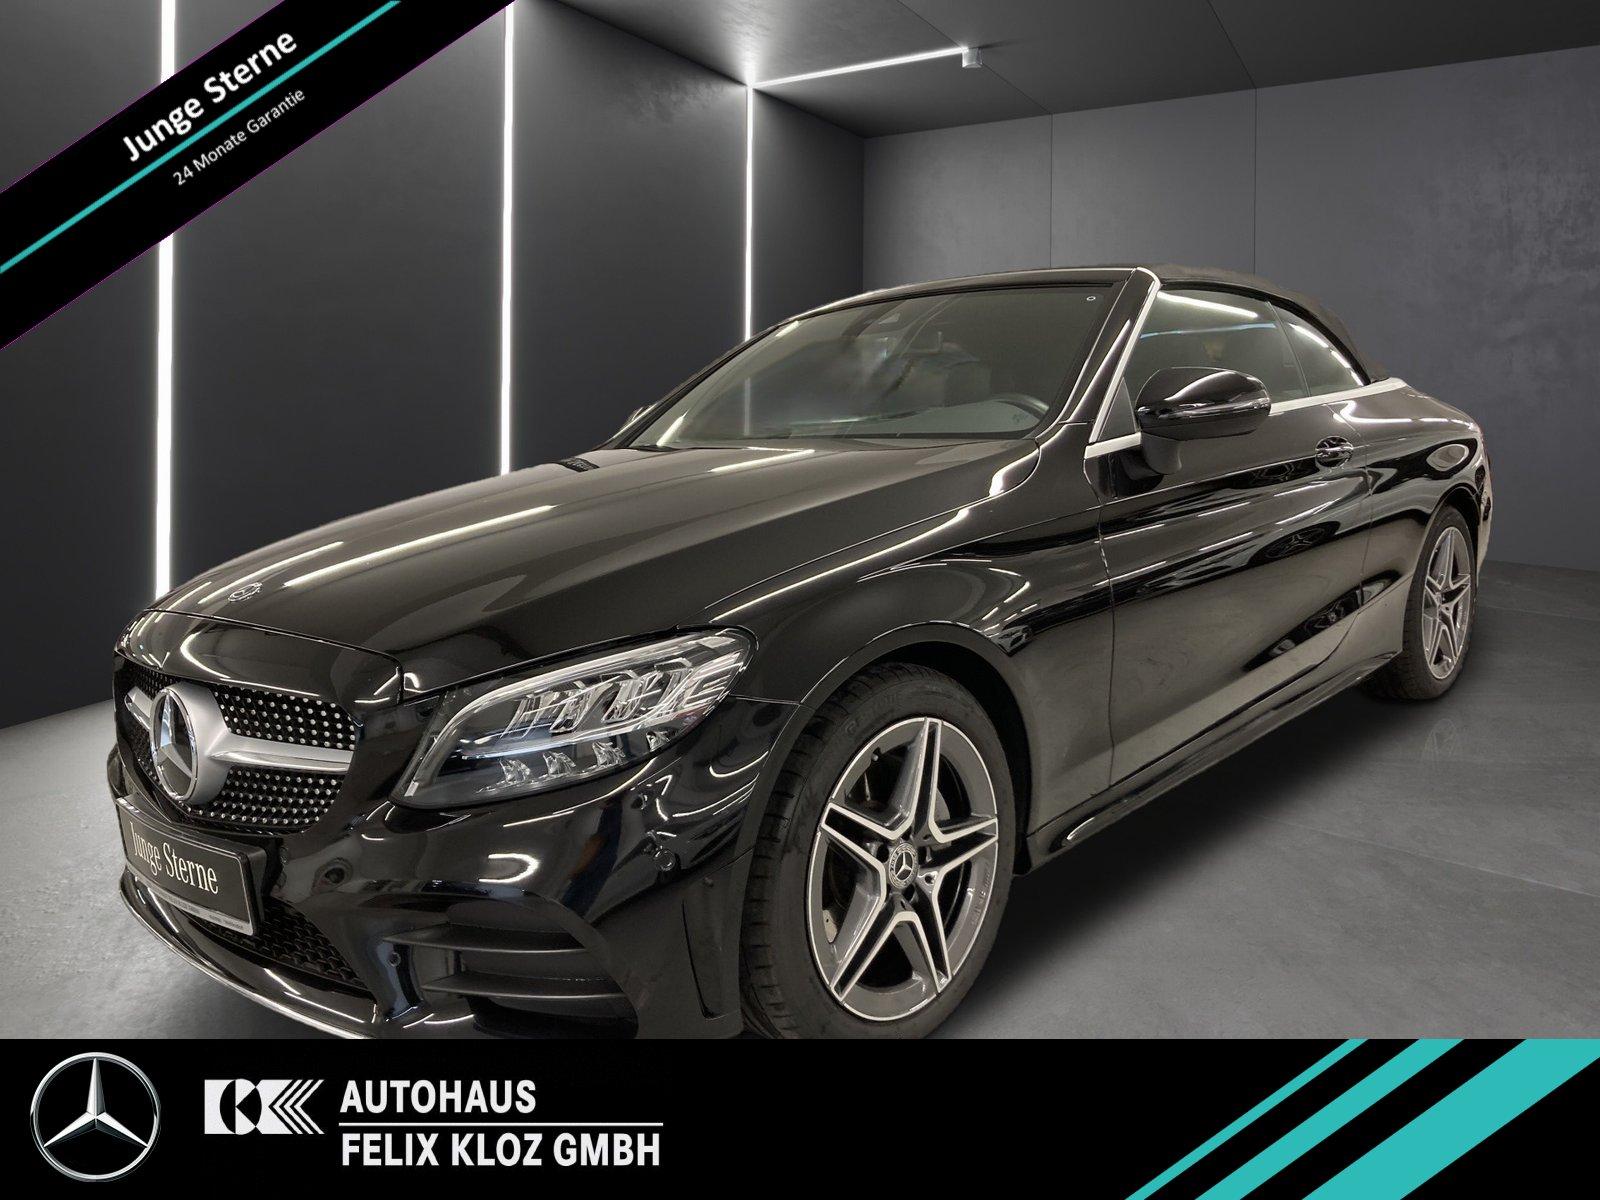 Mercedes-Benz C 180 AMG*Navi*LED*Kamera*Cabrio-Komfort*Totwink, Jahr 2020, Benzin